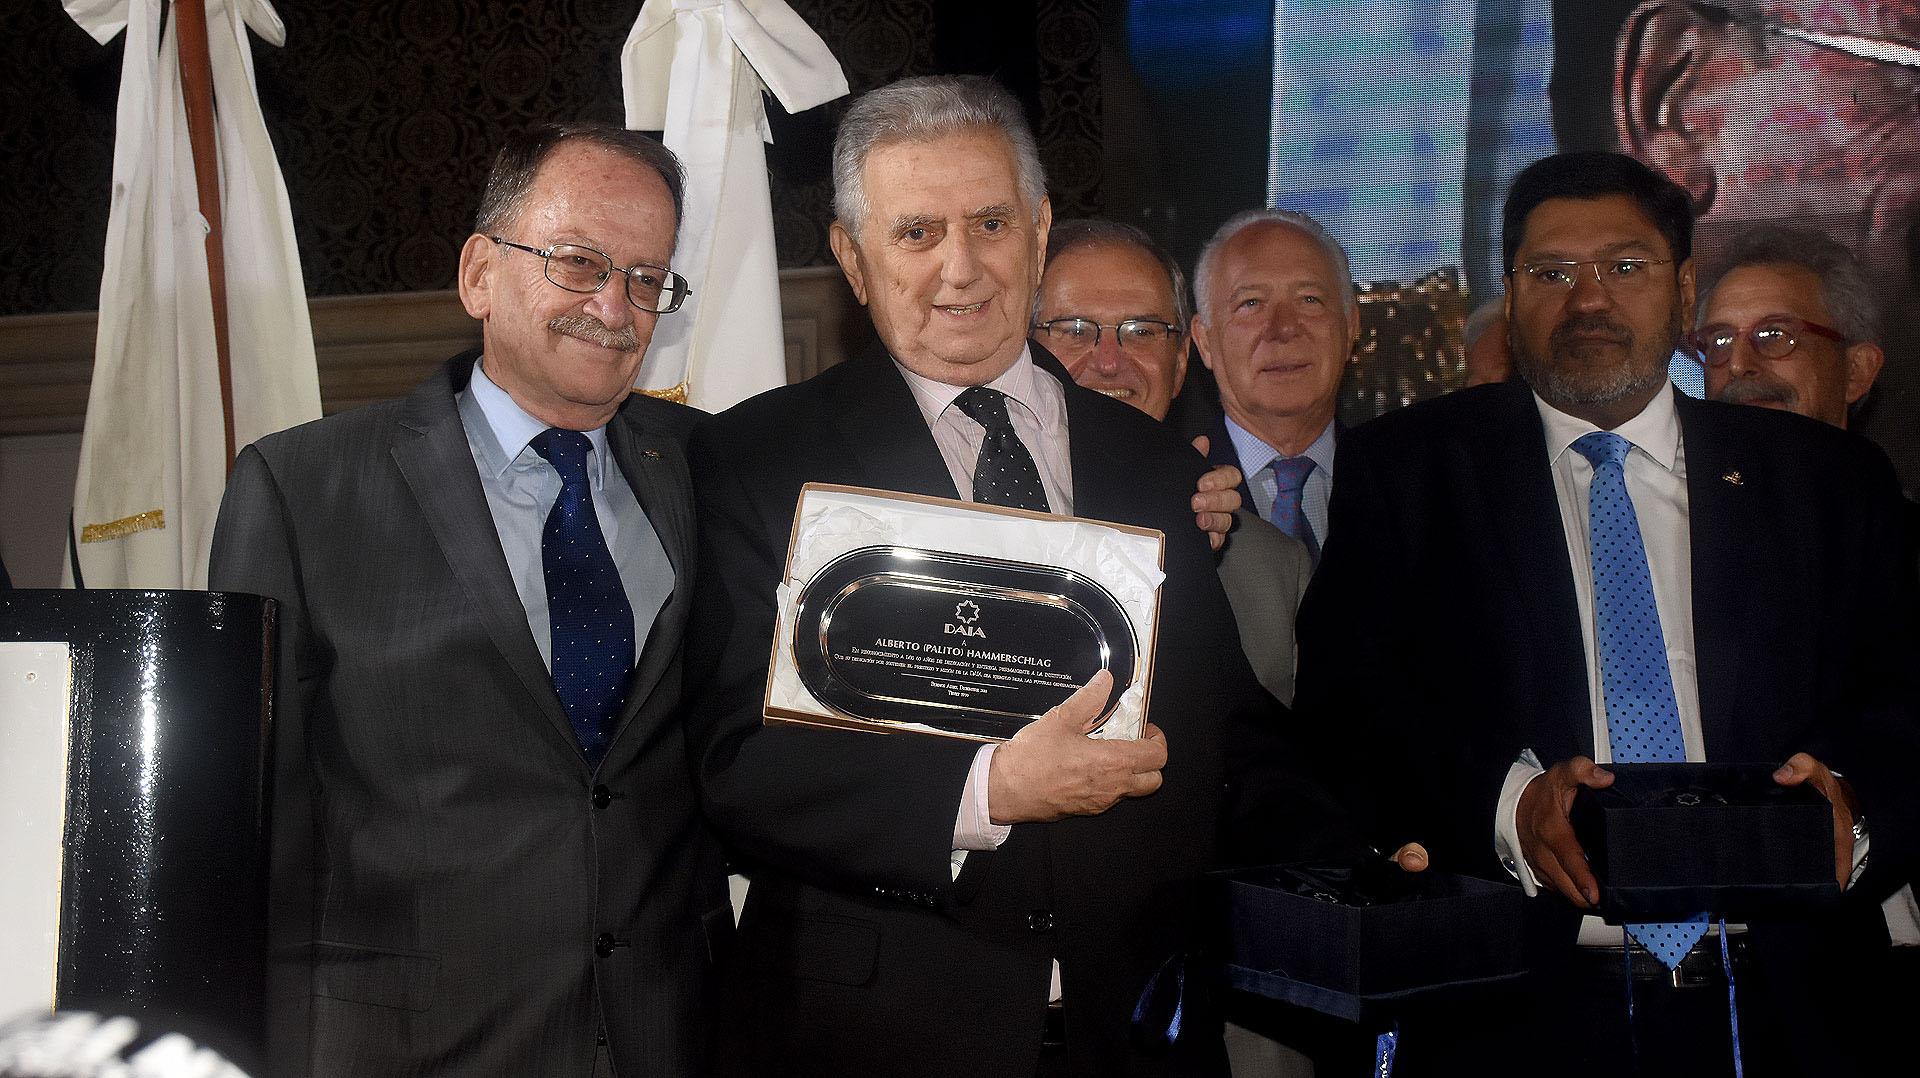 Alberto Hammerschlag, ex vicepresidente de DAIA, recibió una distinción por su incansable labor en esa institución